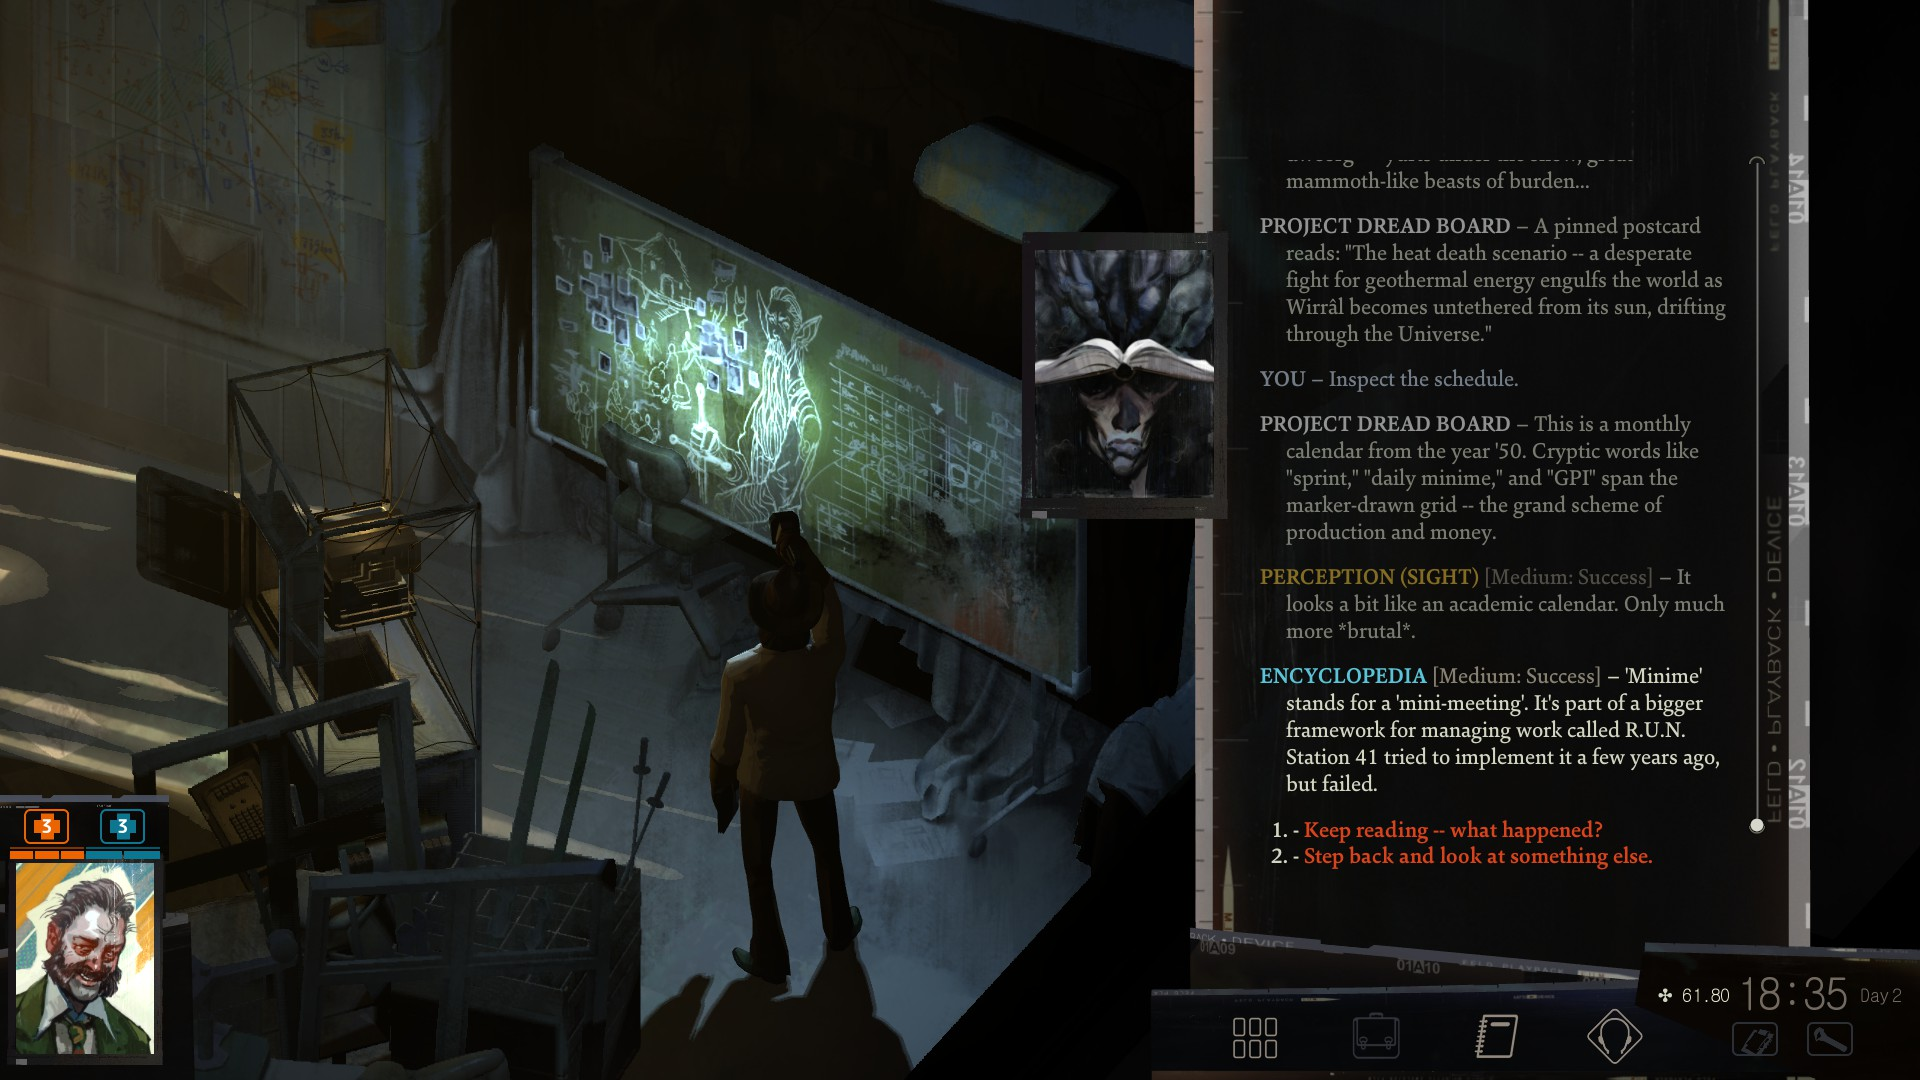 بازی کاملا متنمحور است و تمام اتفاقات آن از طریق متنهای طولانی و بعضا پیچیده روایت میشود.